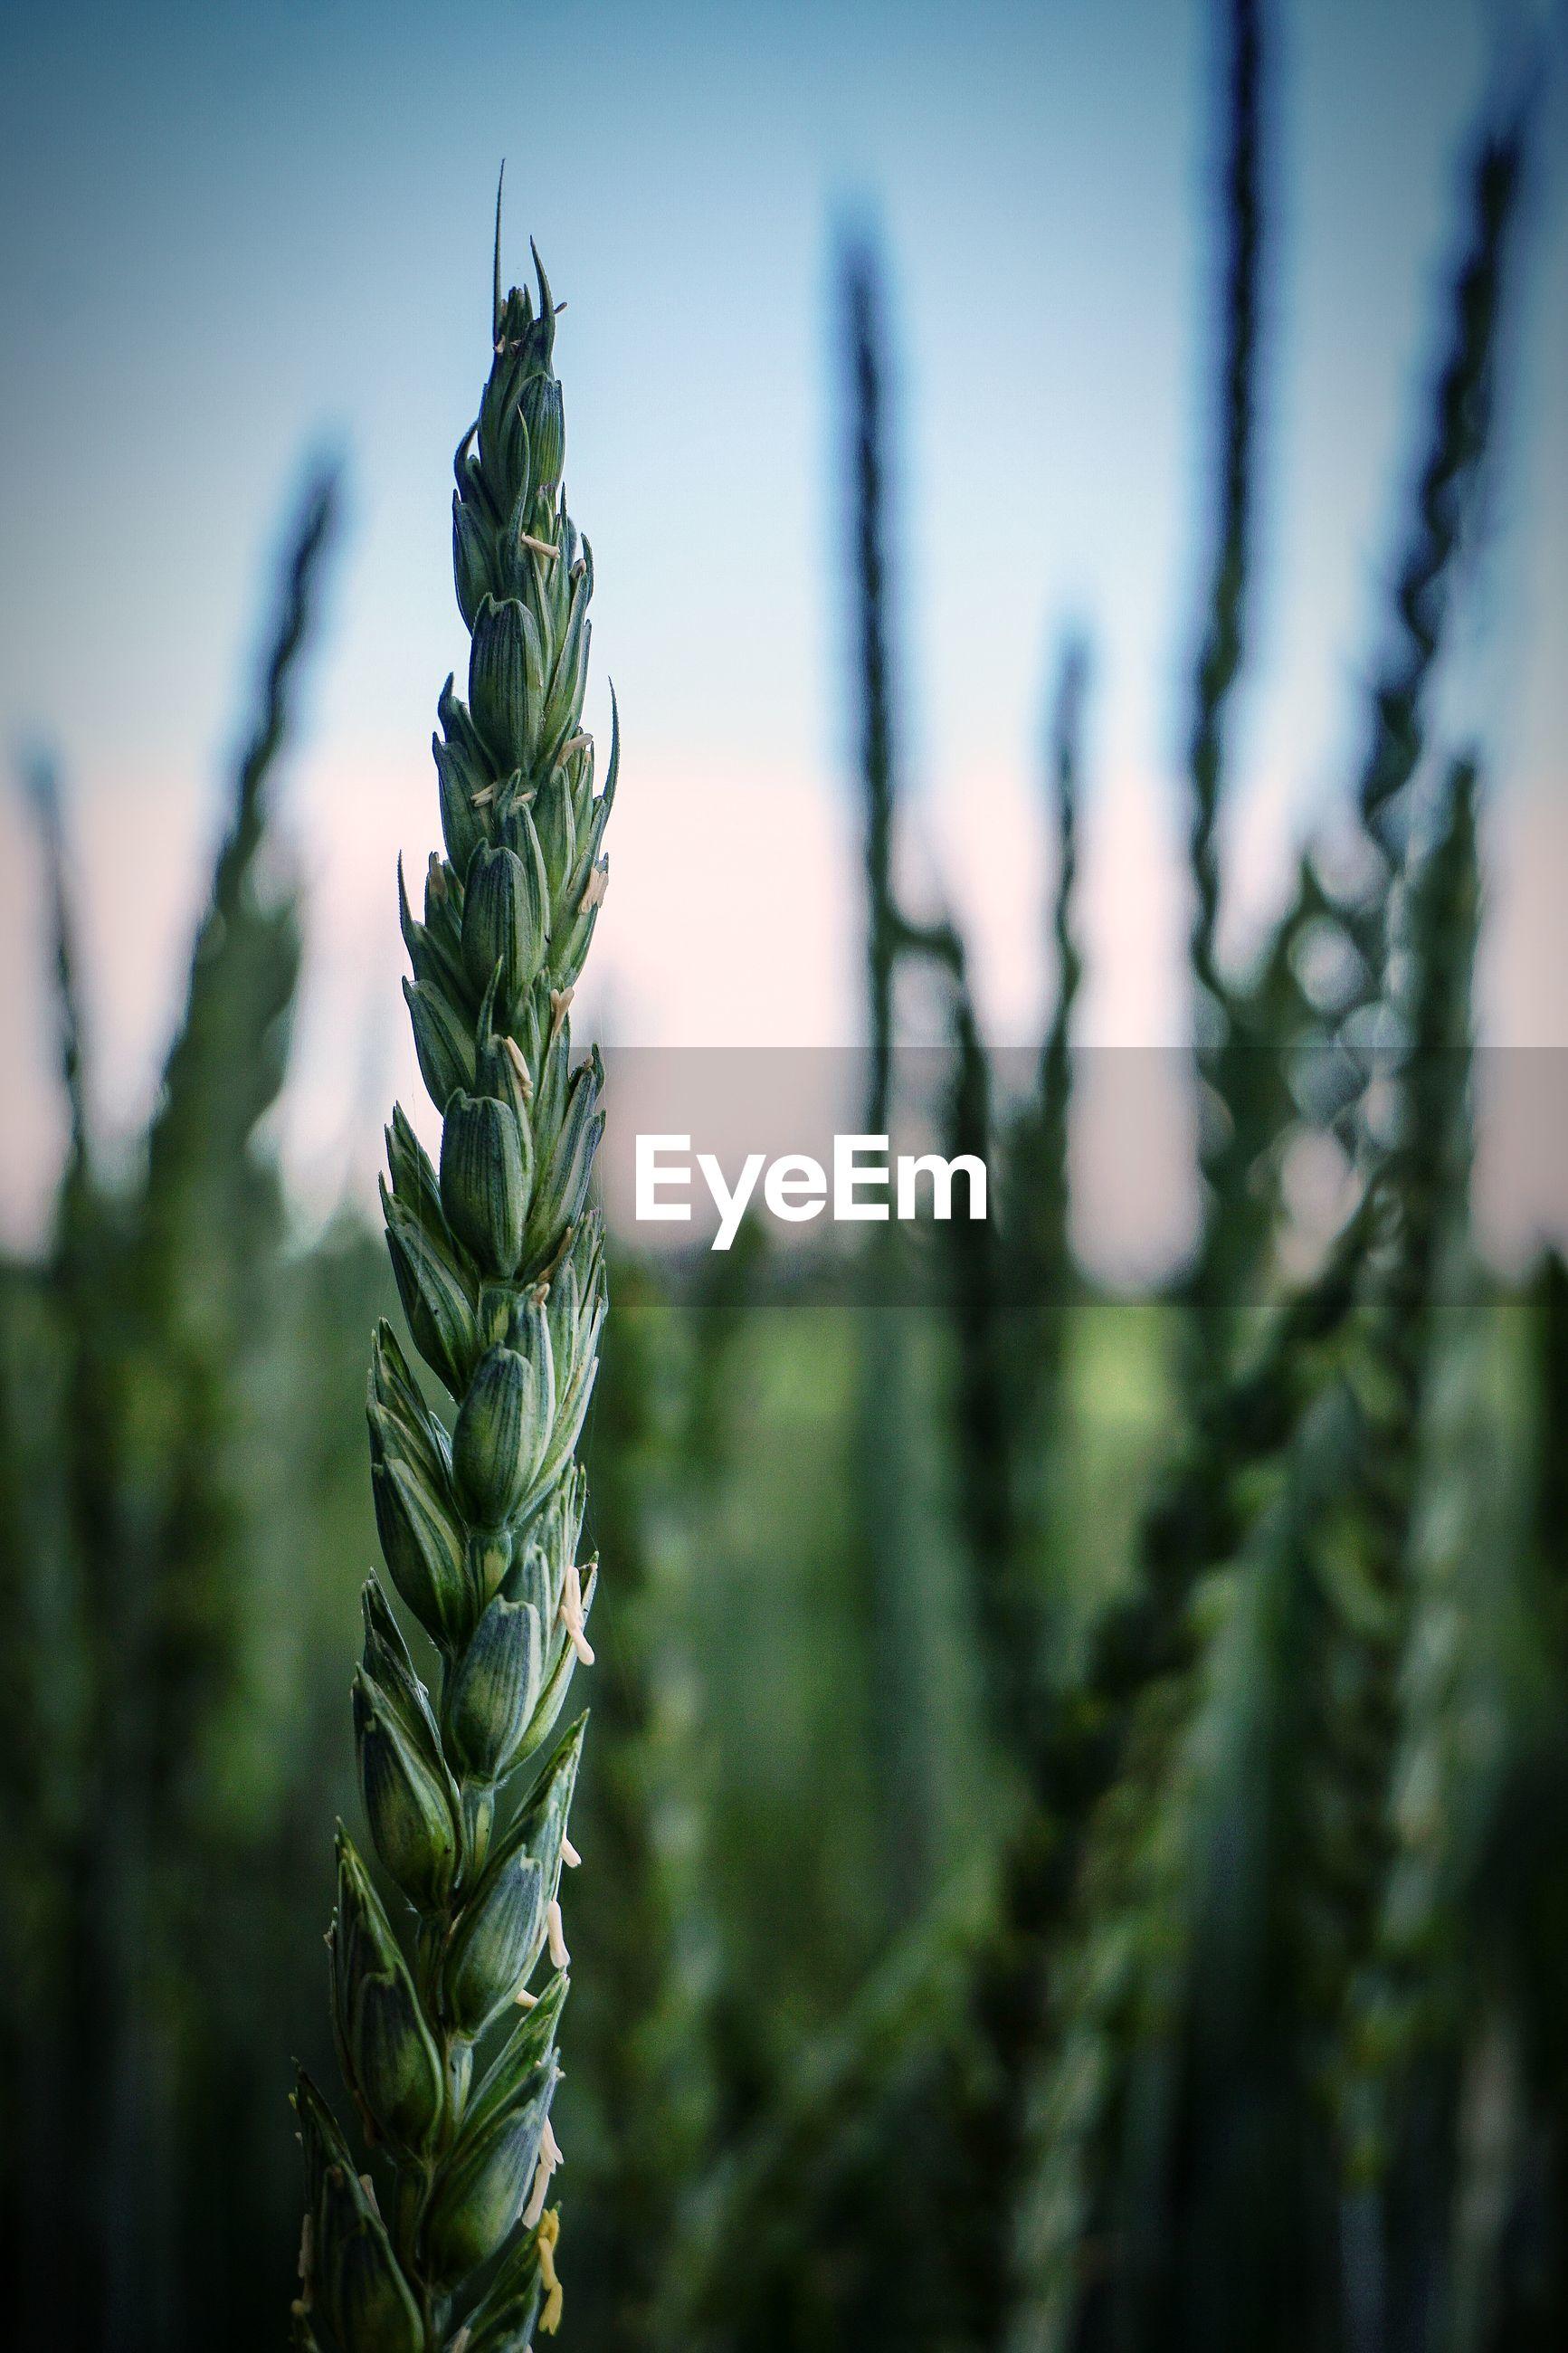 Grain ears field